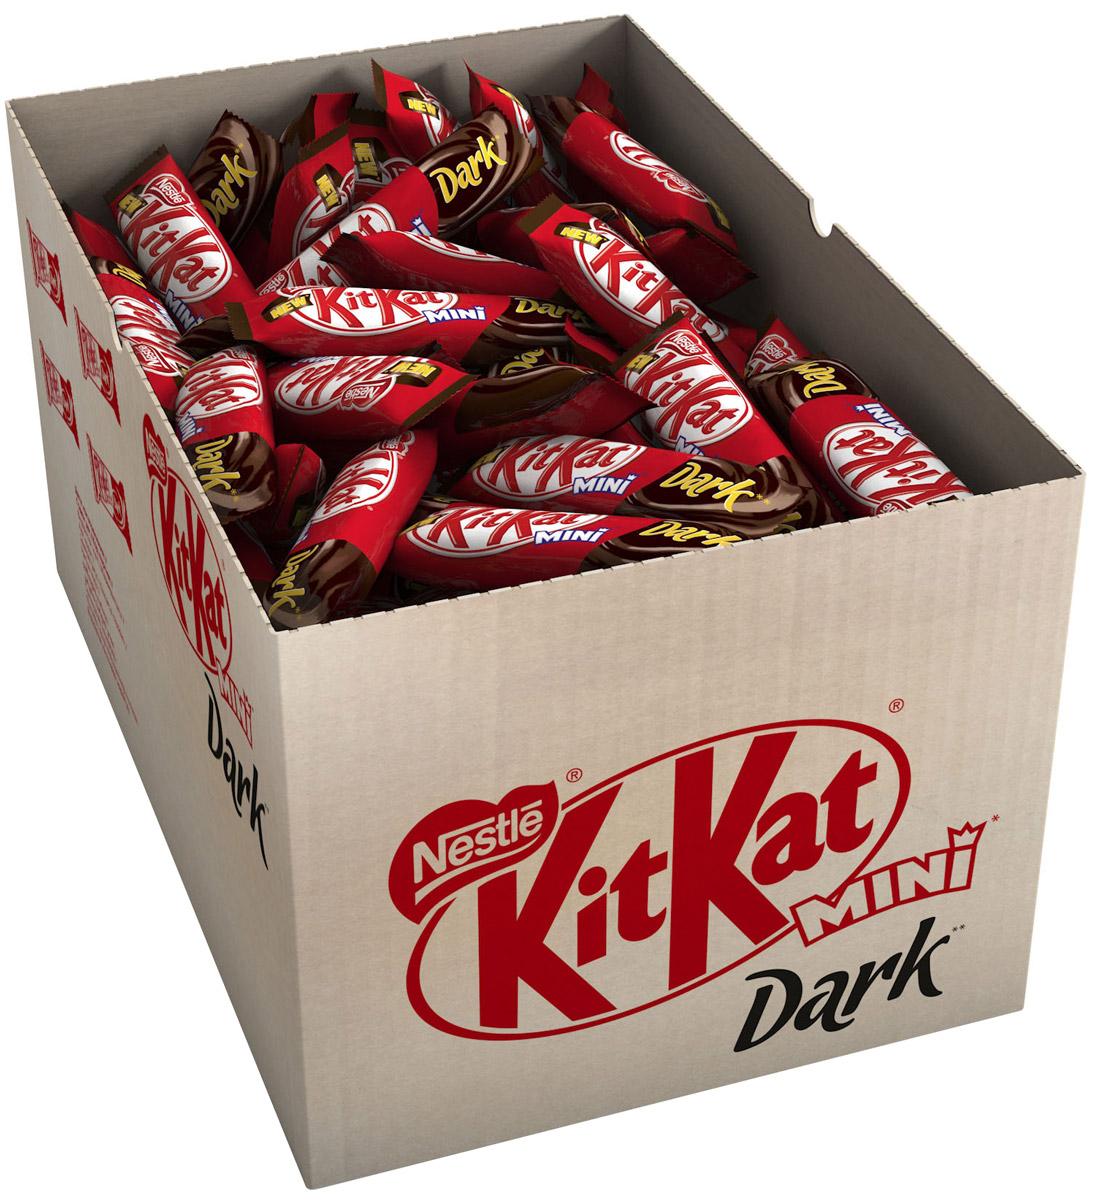 KitKat Mini темный шоколад с хрустящей вафлей, 3 кг kitkat mini темный шоколад с хрустящей вафлей 185 г